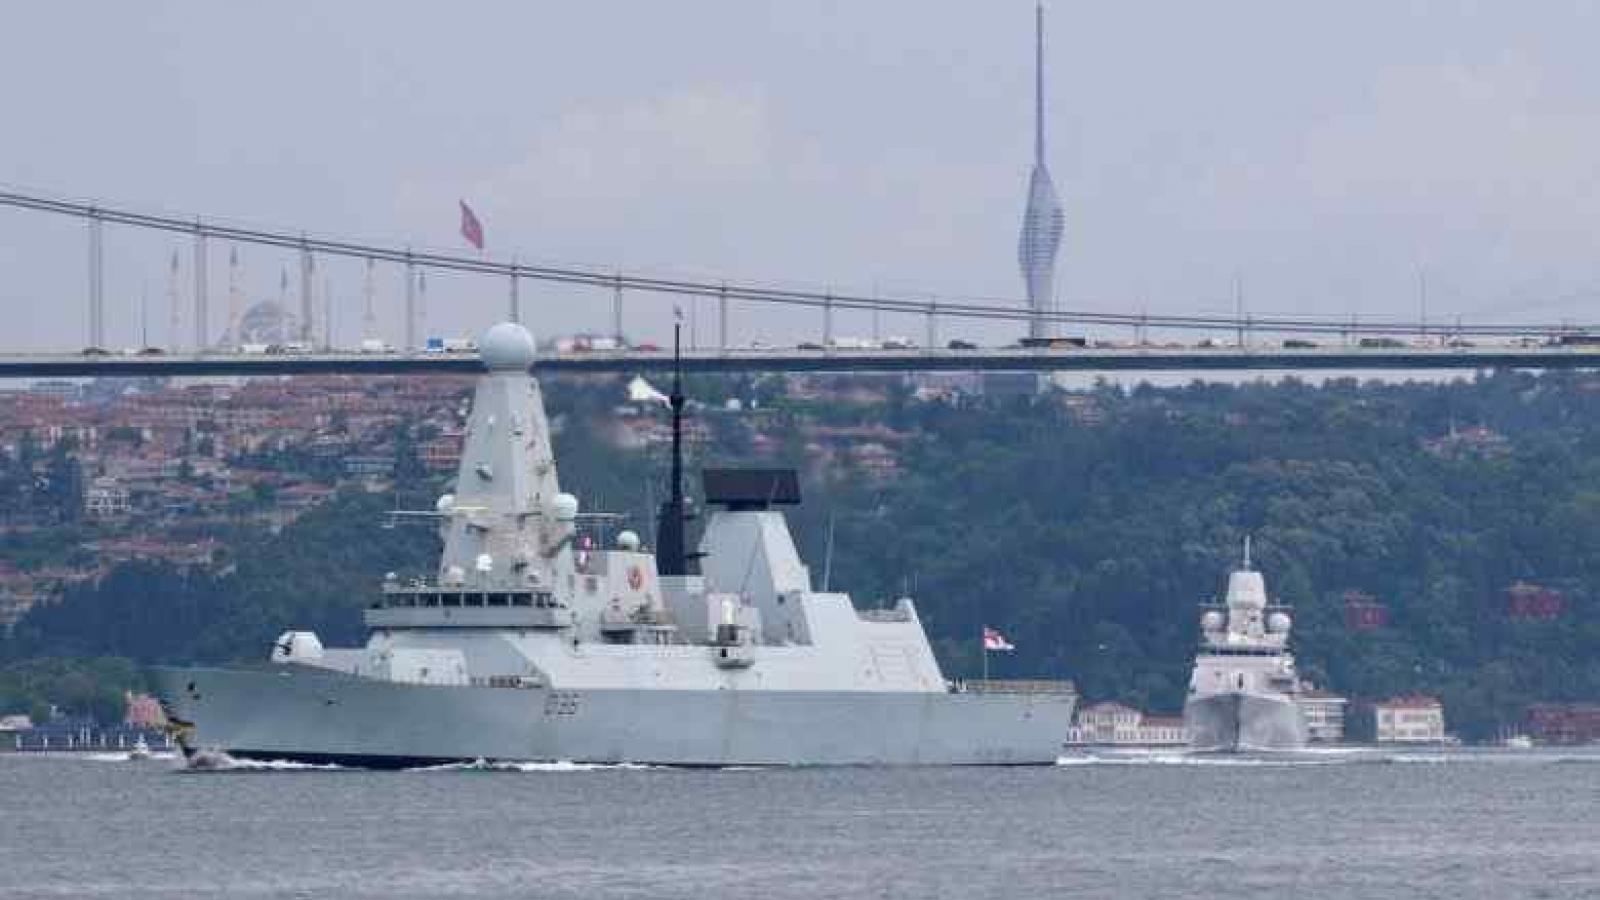 Nga tuyên bố đã bắn cảnh cáo tàu khu trục Anh ở Biển Đen